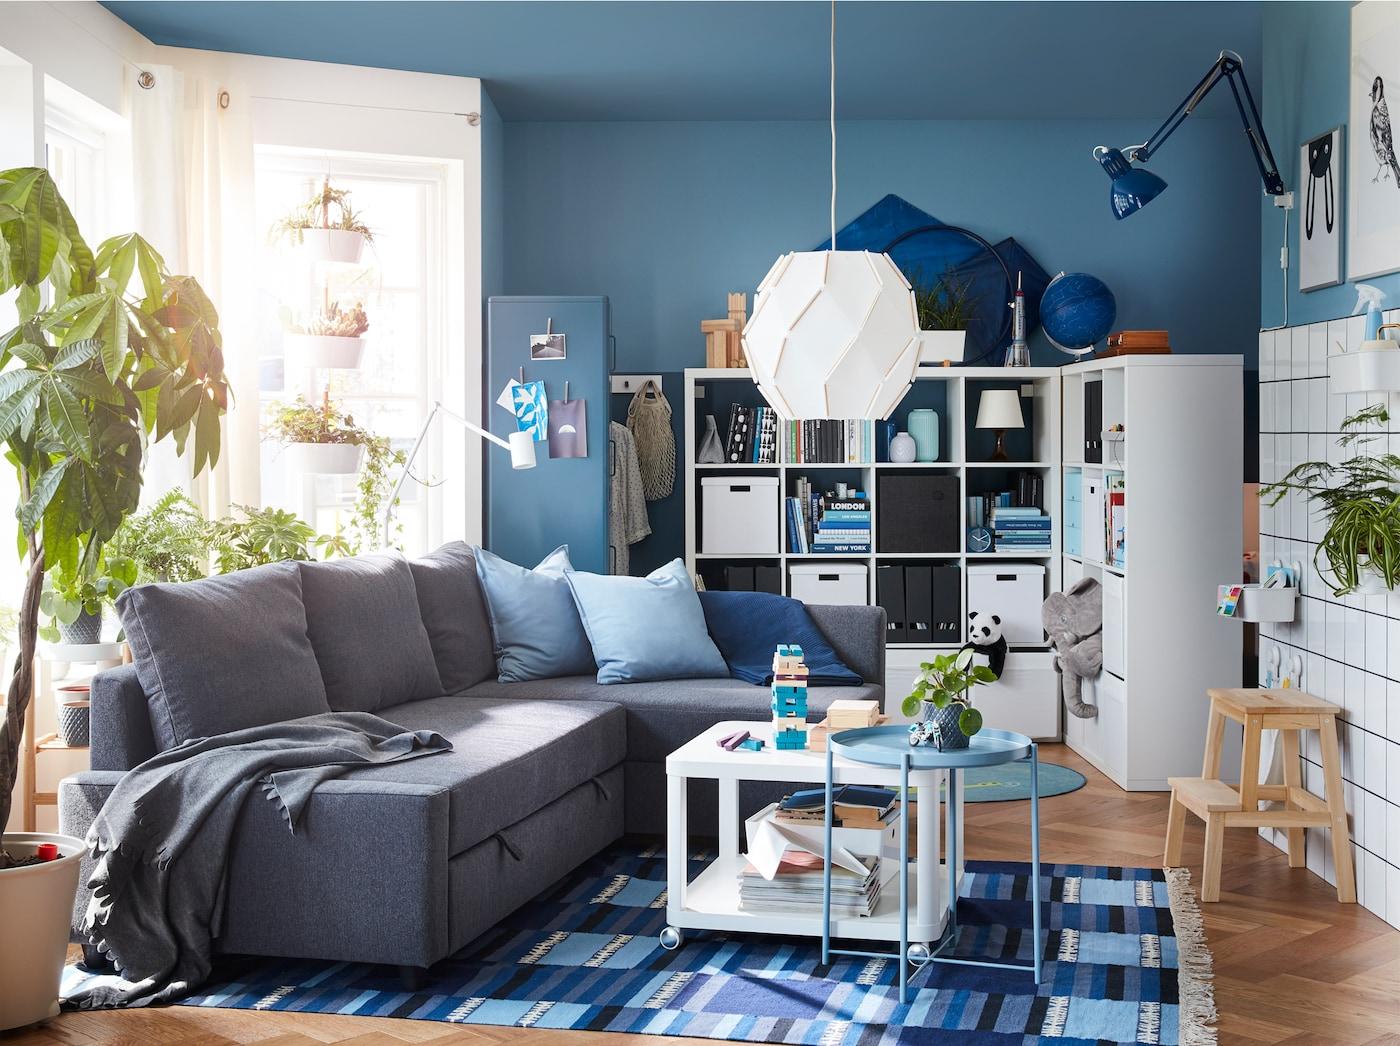 A 24-hour Living Room - IKEA